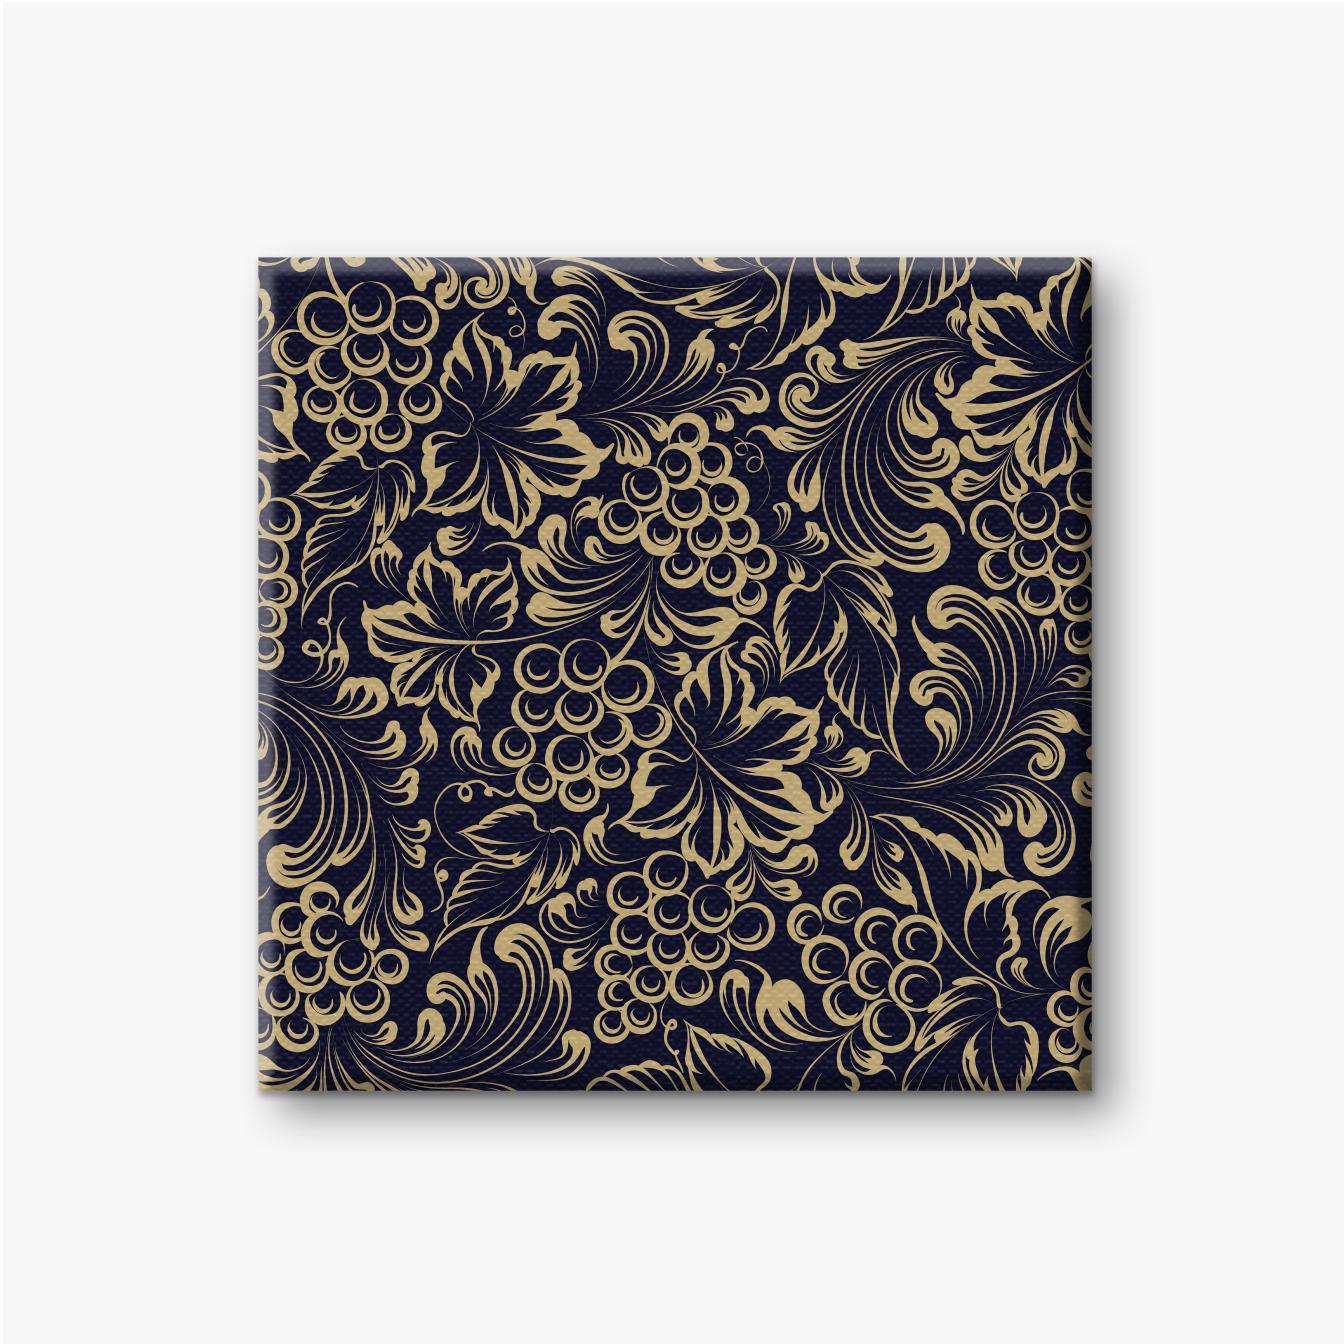 Trauben und Blätter mit Goldtinte auf schwarzem Hintergrund gemacht